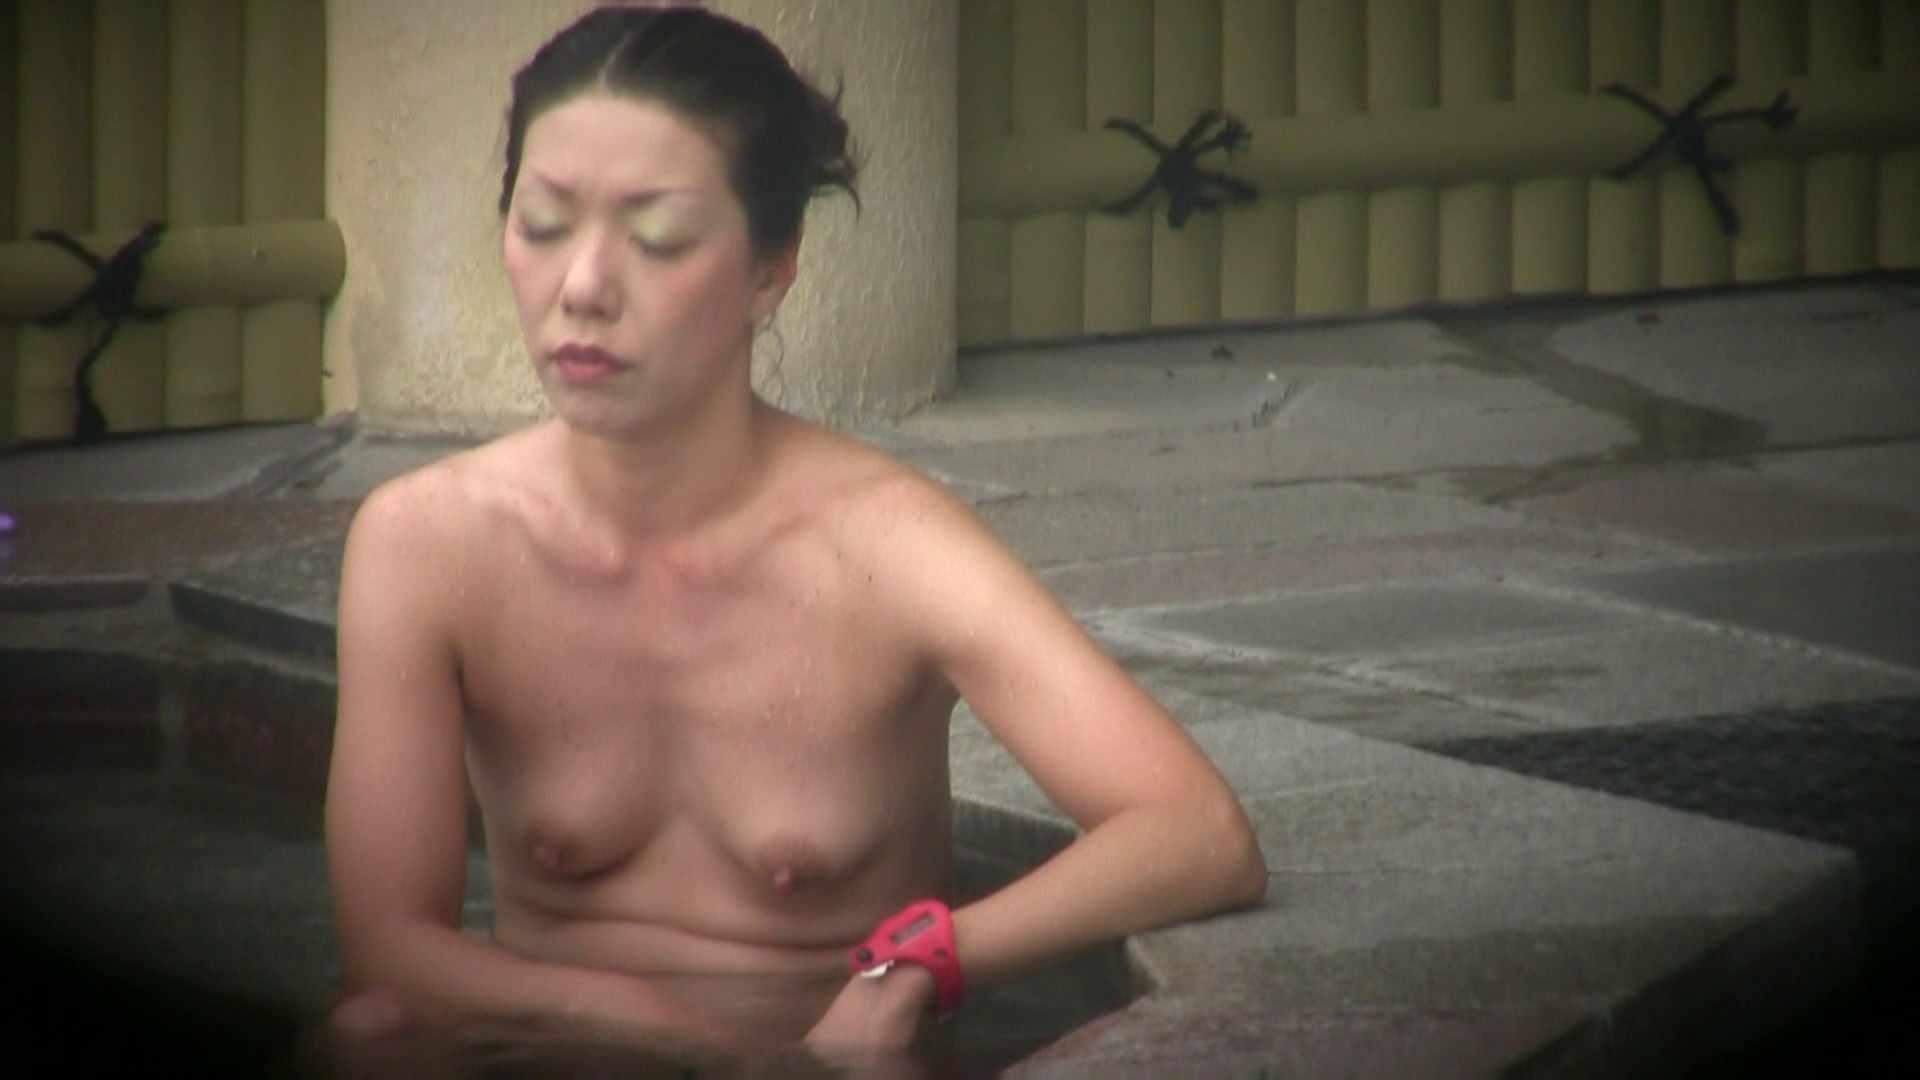 高画質露天女風呂観察 vol.036 高画質 | 女風呂  85pic 32